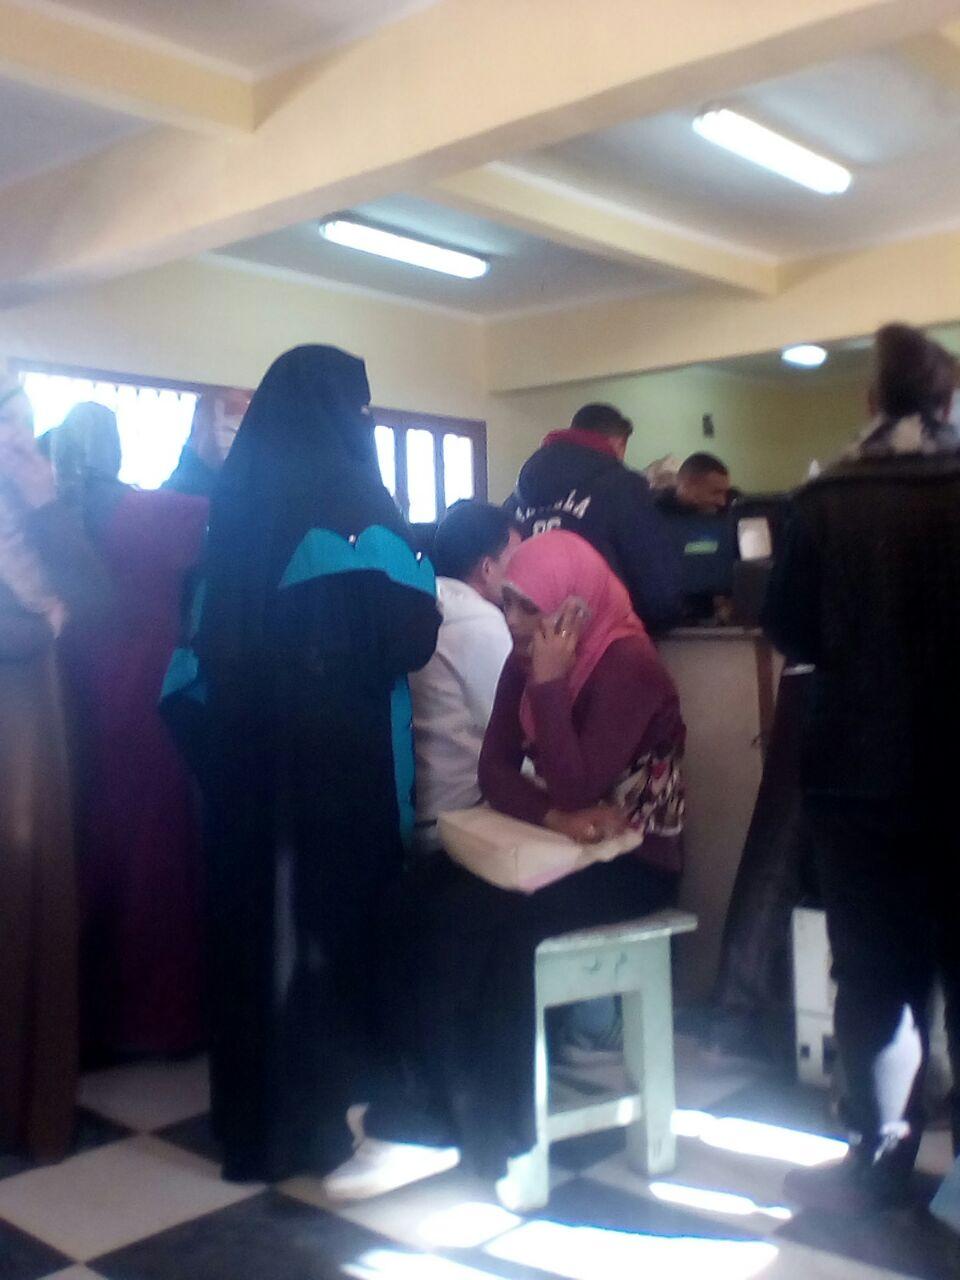 مكتب السجل المدنى بسمالوط